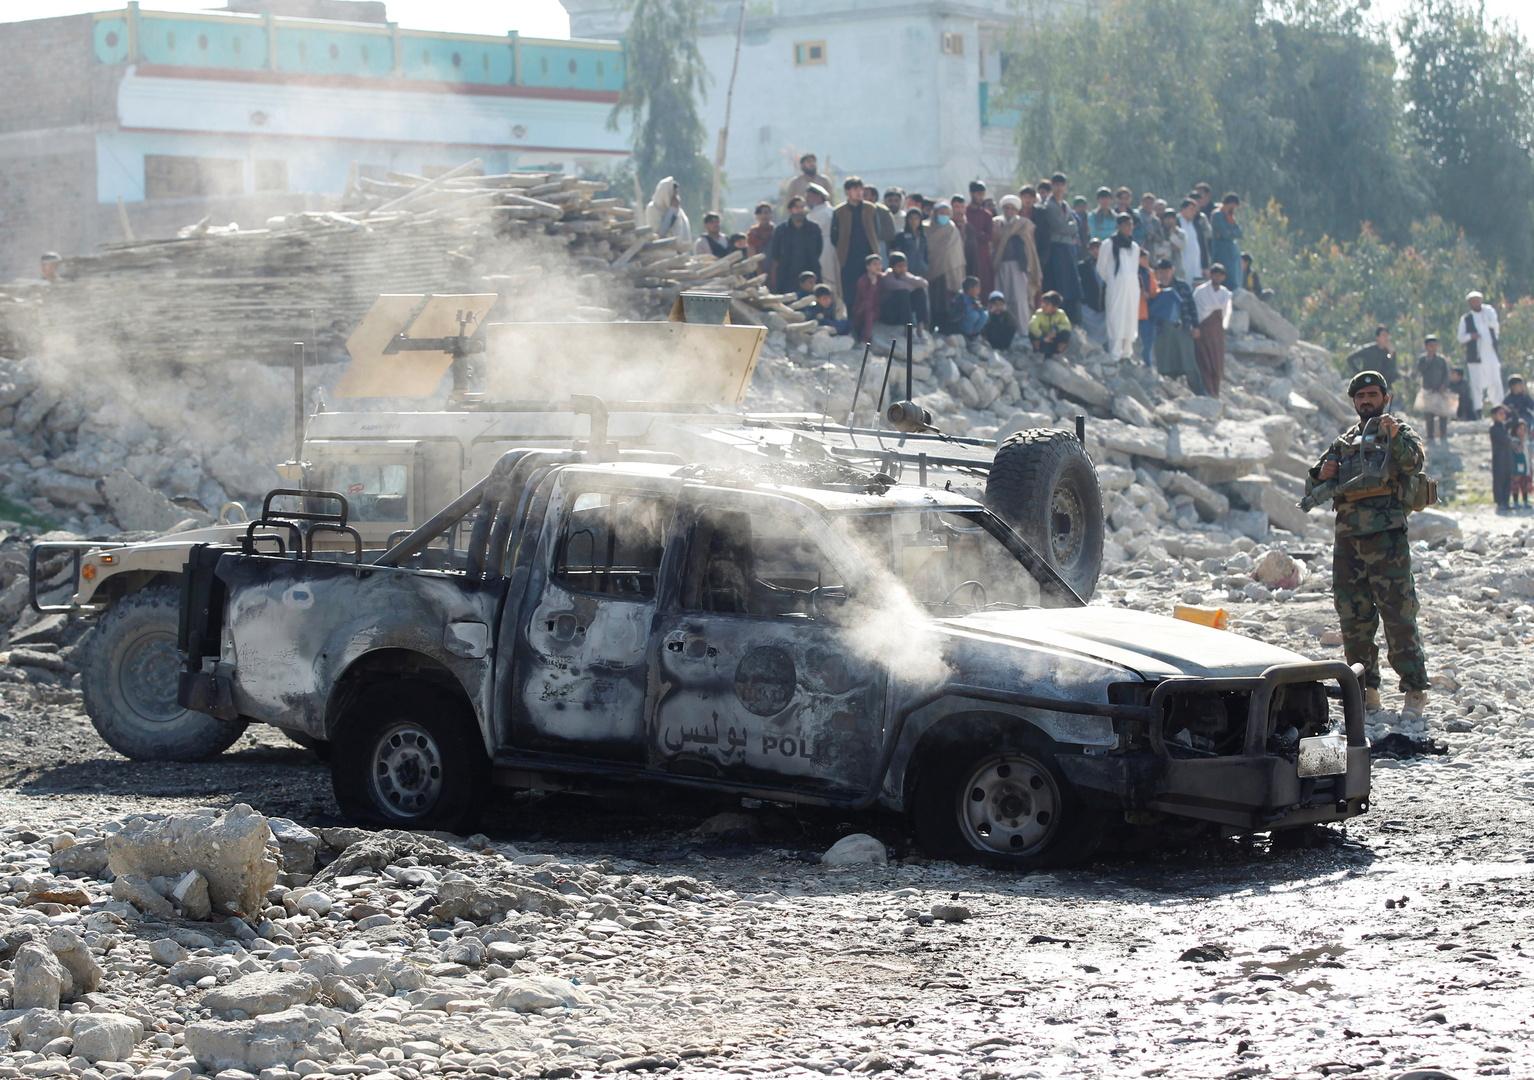 مركبة عسكرية تحترق في جلال آباد بأفغانستان نهاية يناير 2021 بعد تعرضها لهجوم.